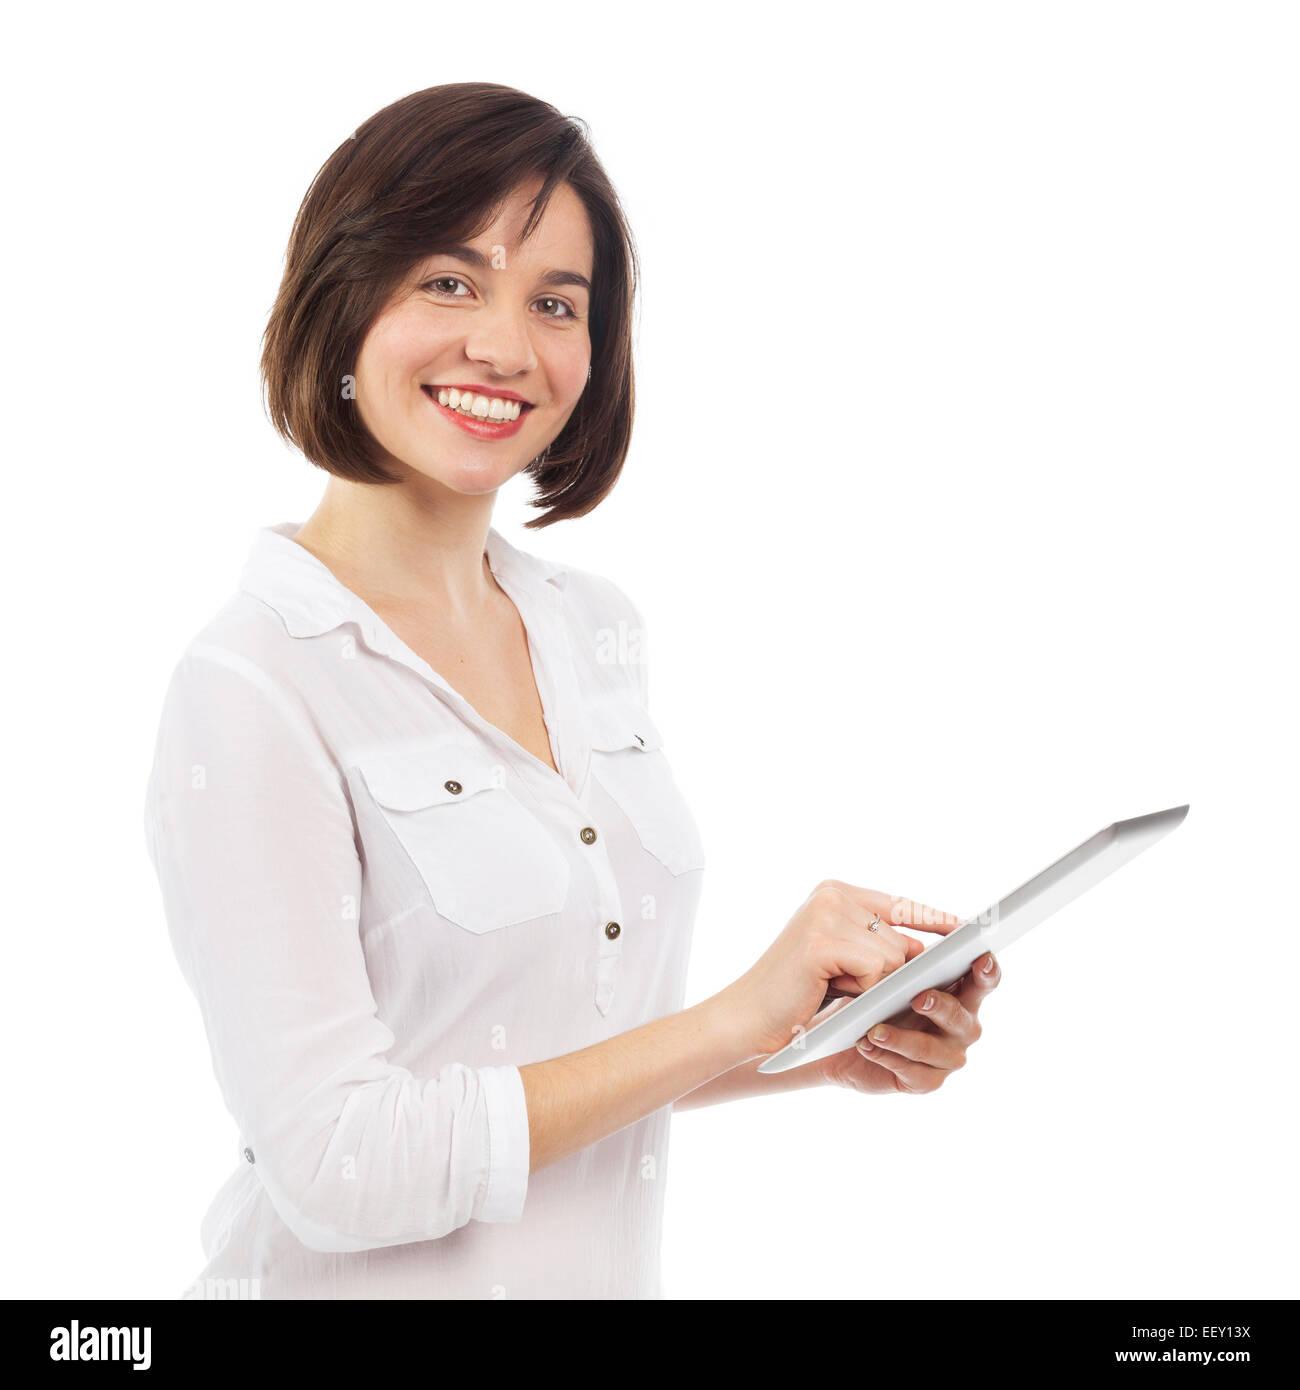 Jeune femme à l'aide d'un pavé tactile, isolated on white Photo Stock